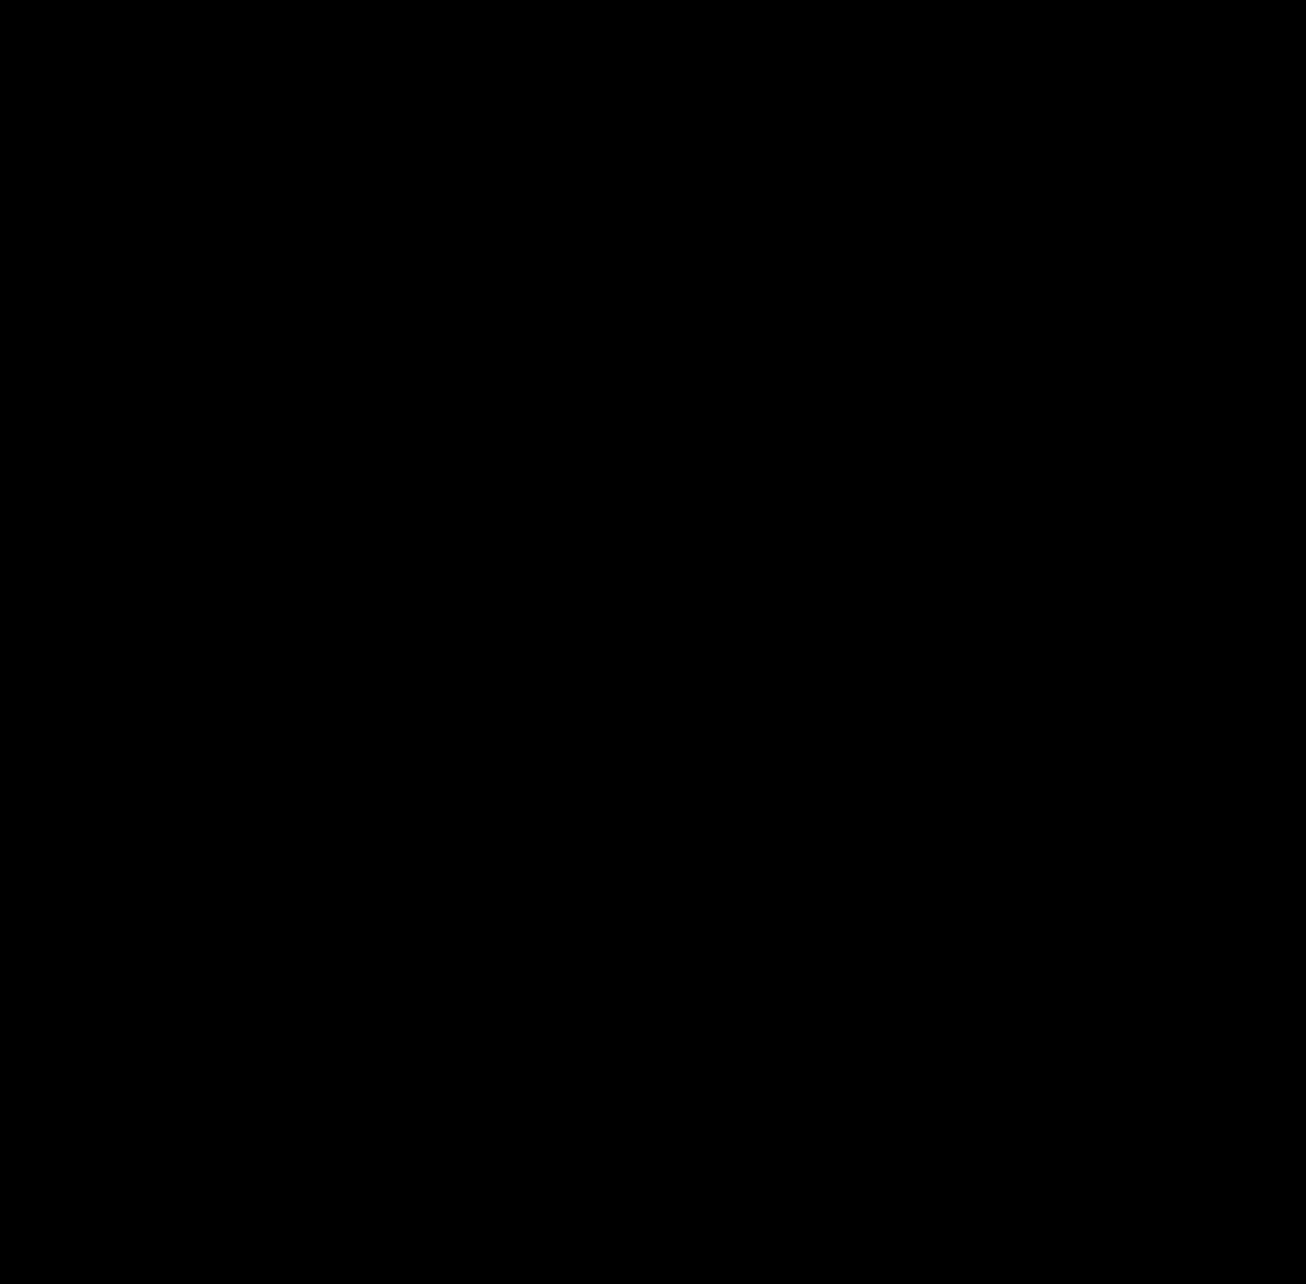 N-Dansyl-d<sub>6</sub>-1-(2-methoxyphenyl)piperazine